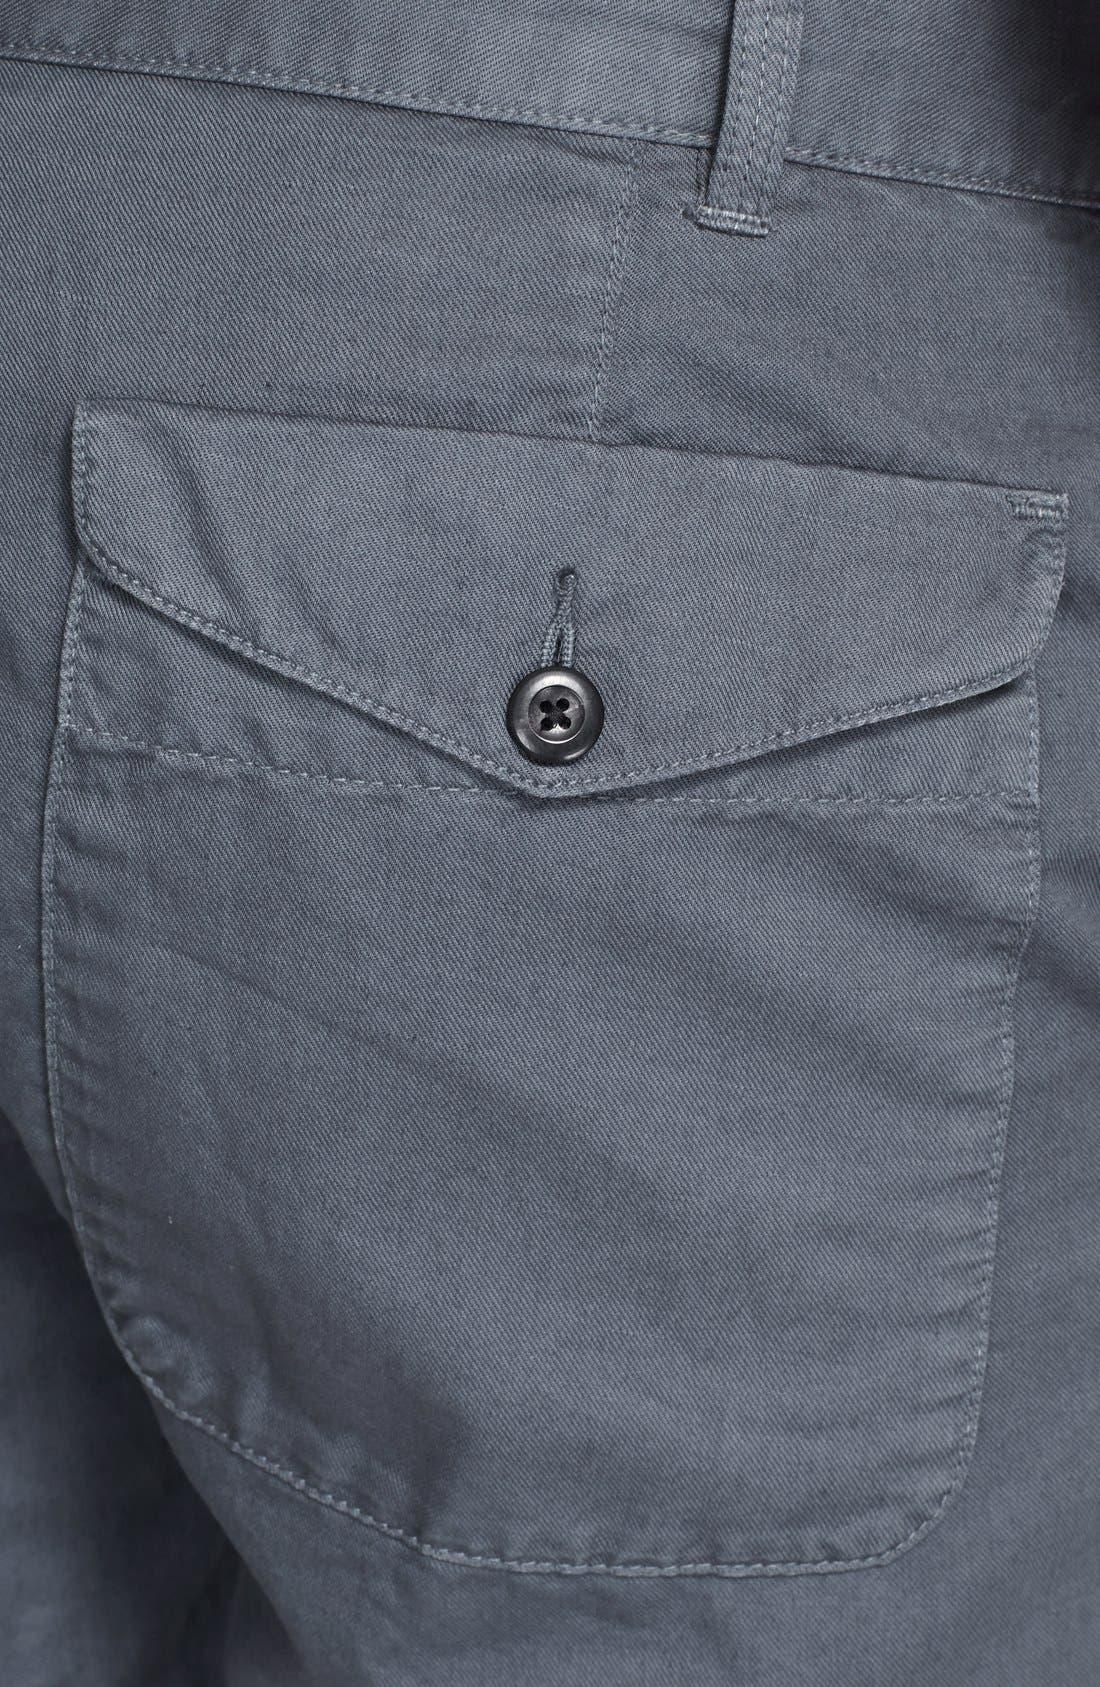 Alternate Image 3  - Jack Spade 'Trenton' Utility Shorts